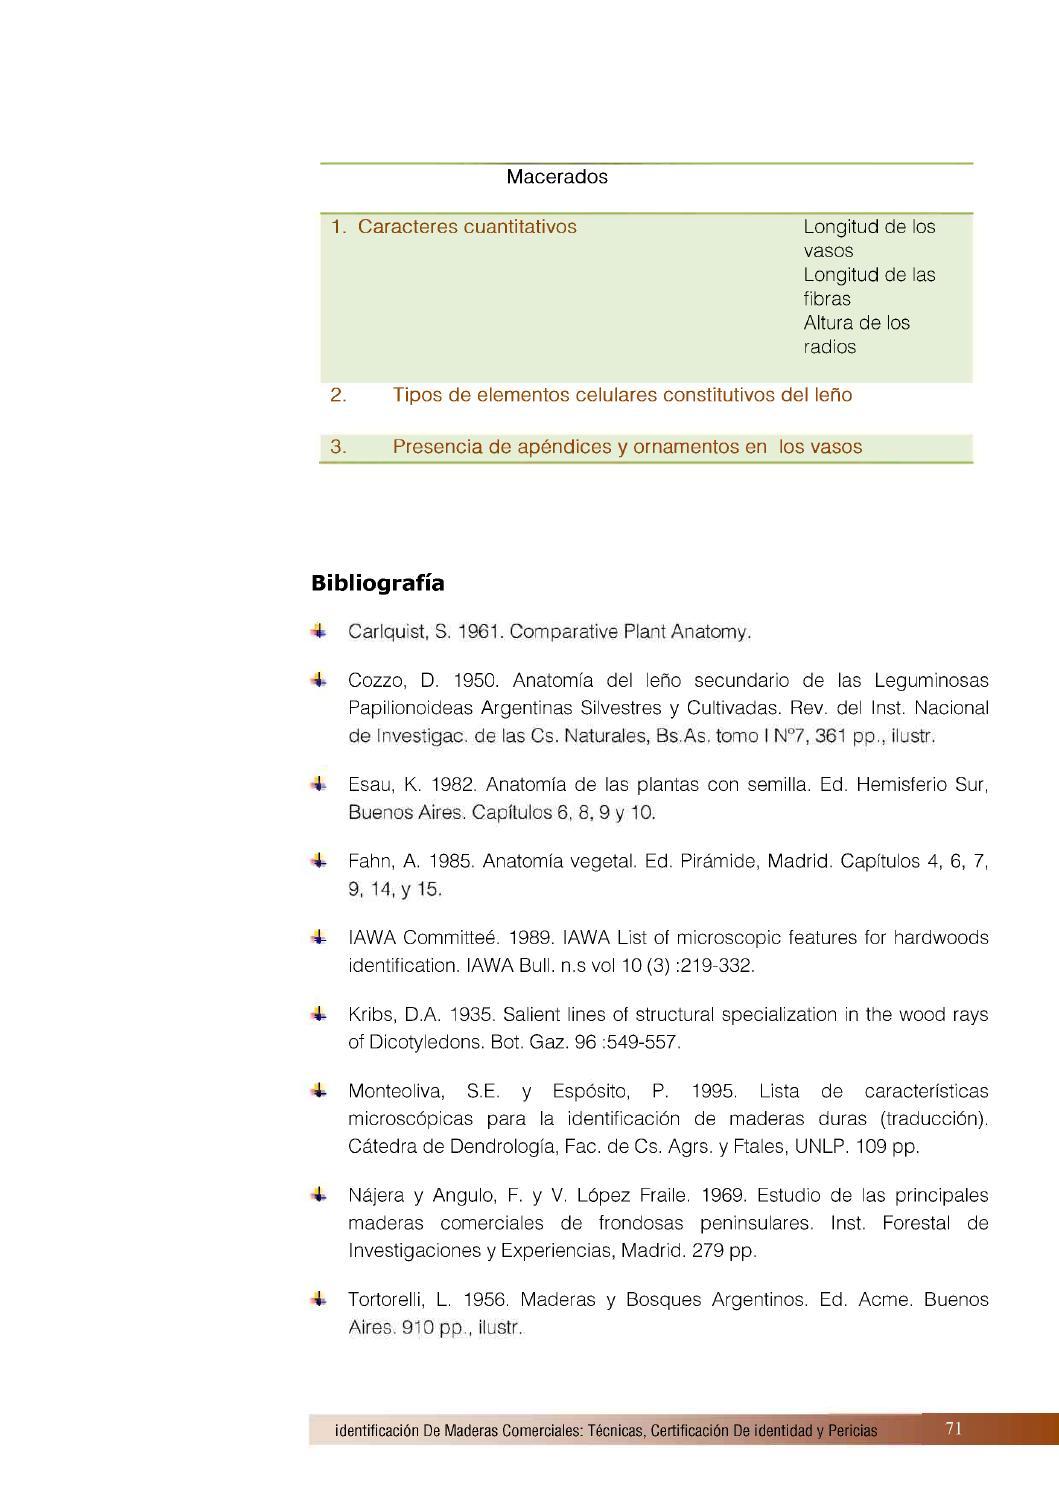 Identificación de maderas comercialesa by Alejandra Castrillón ...